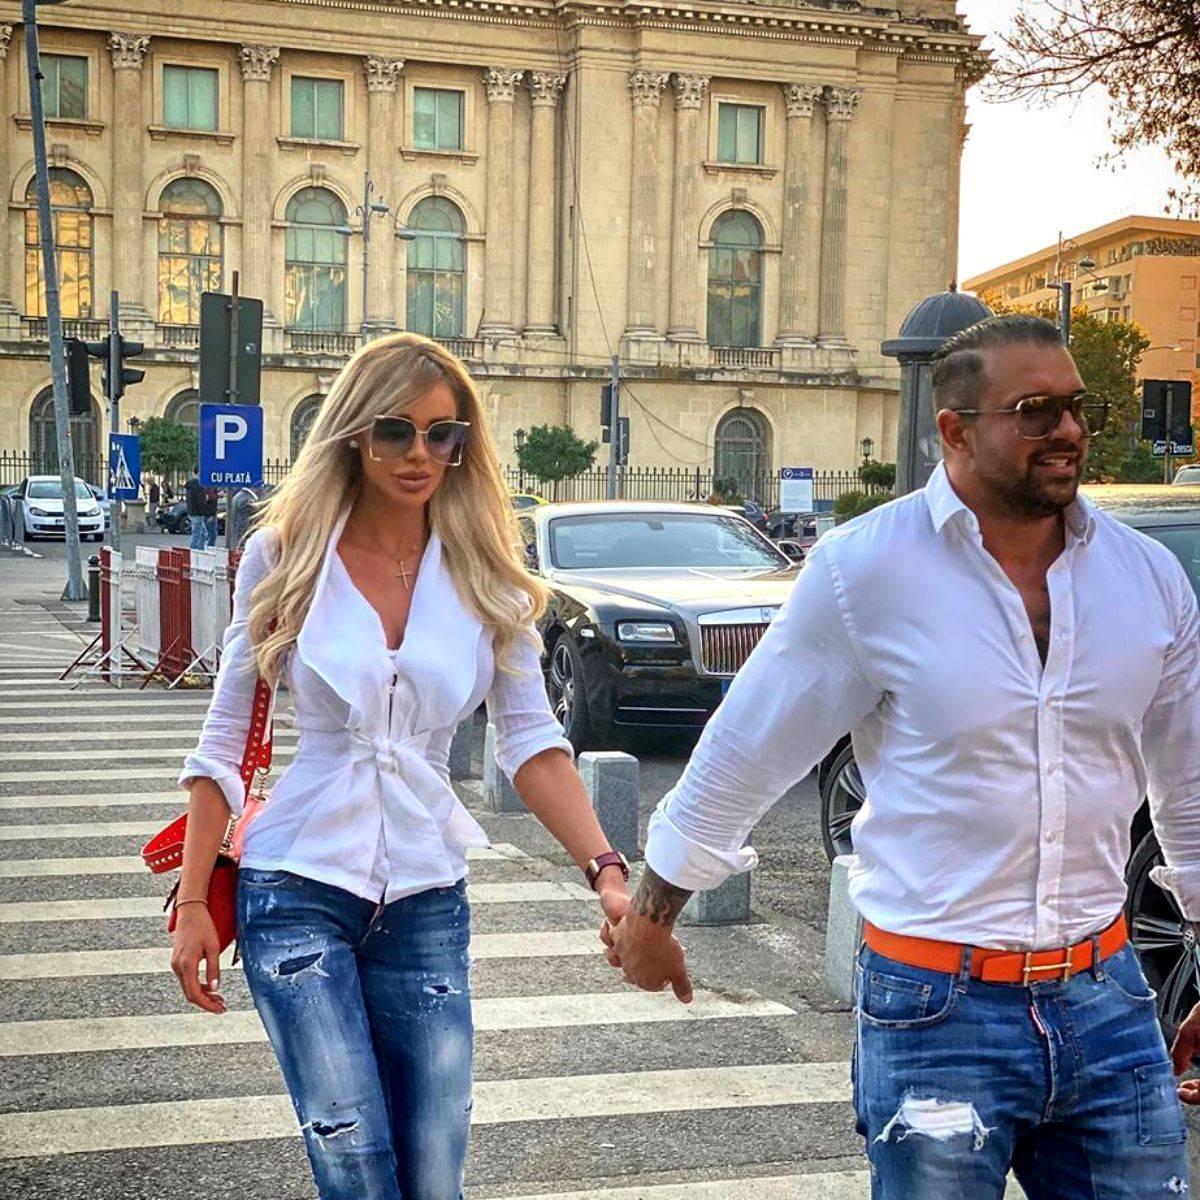 Ce a făcut Bianca Drăgușanu în timp ce fostul ei soț se pregătea de arestare?